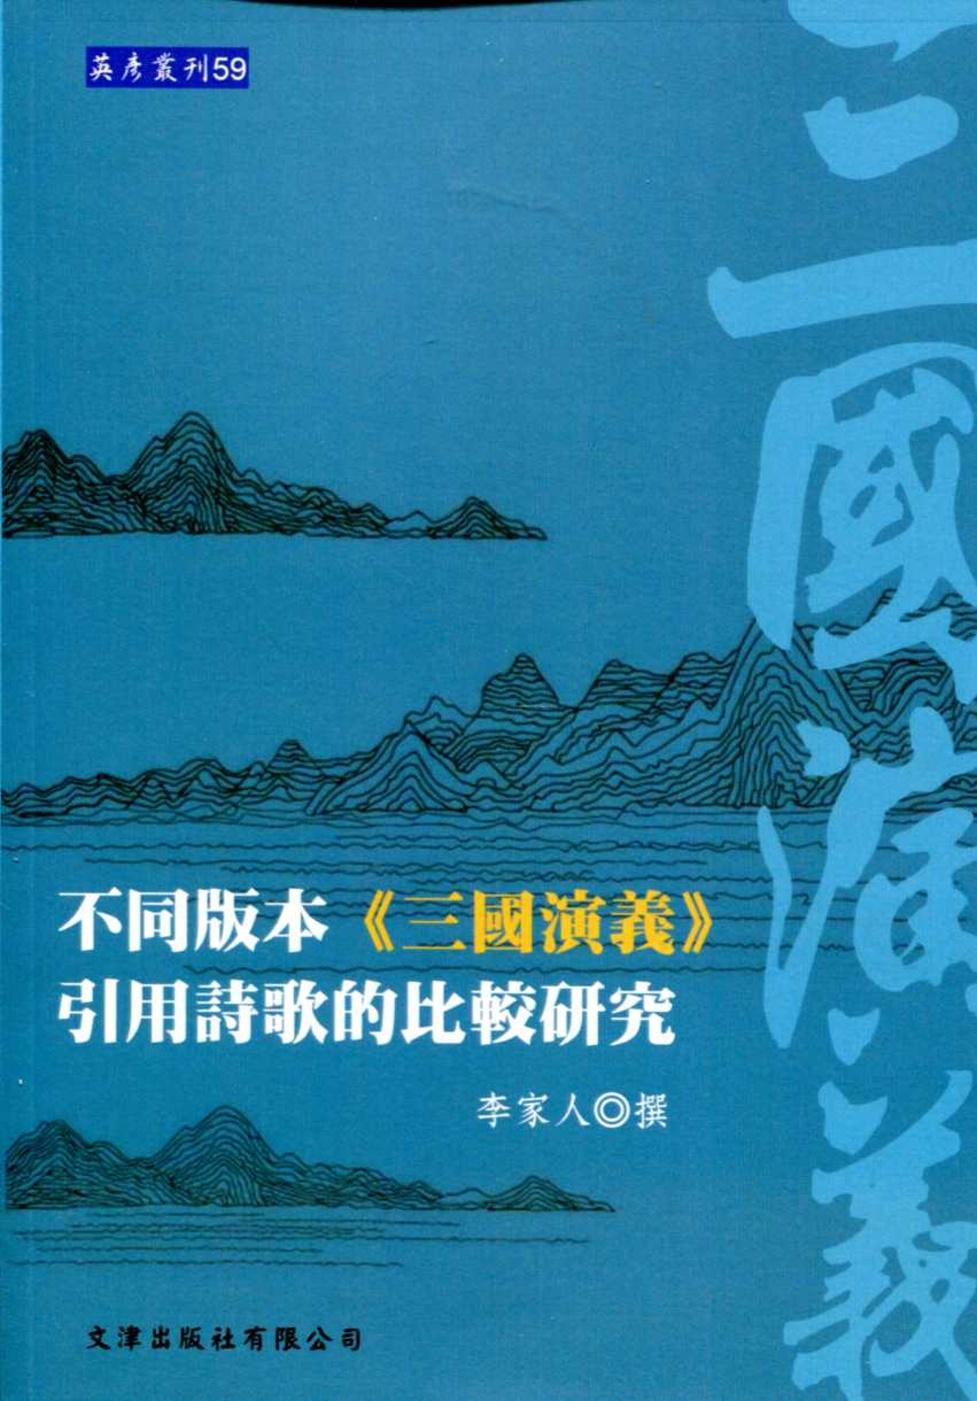 不同版本《三國演義》引用詩歌的比較研究